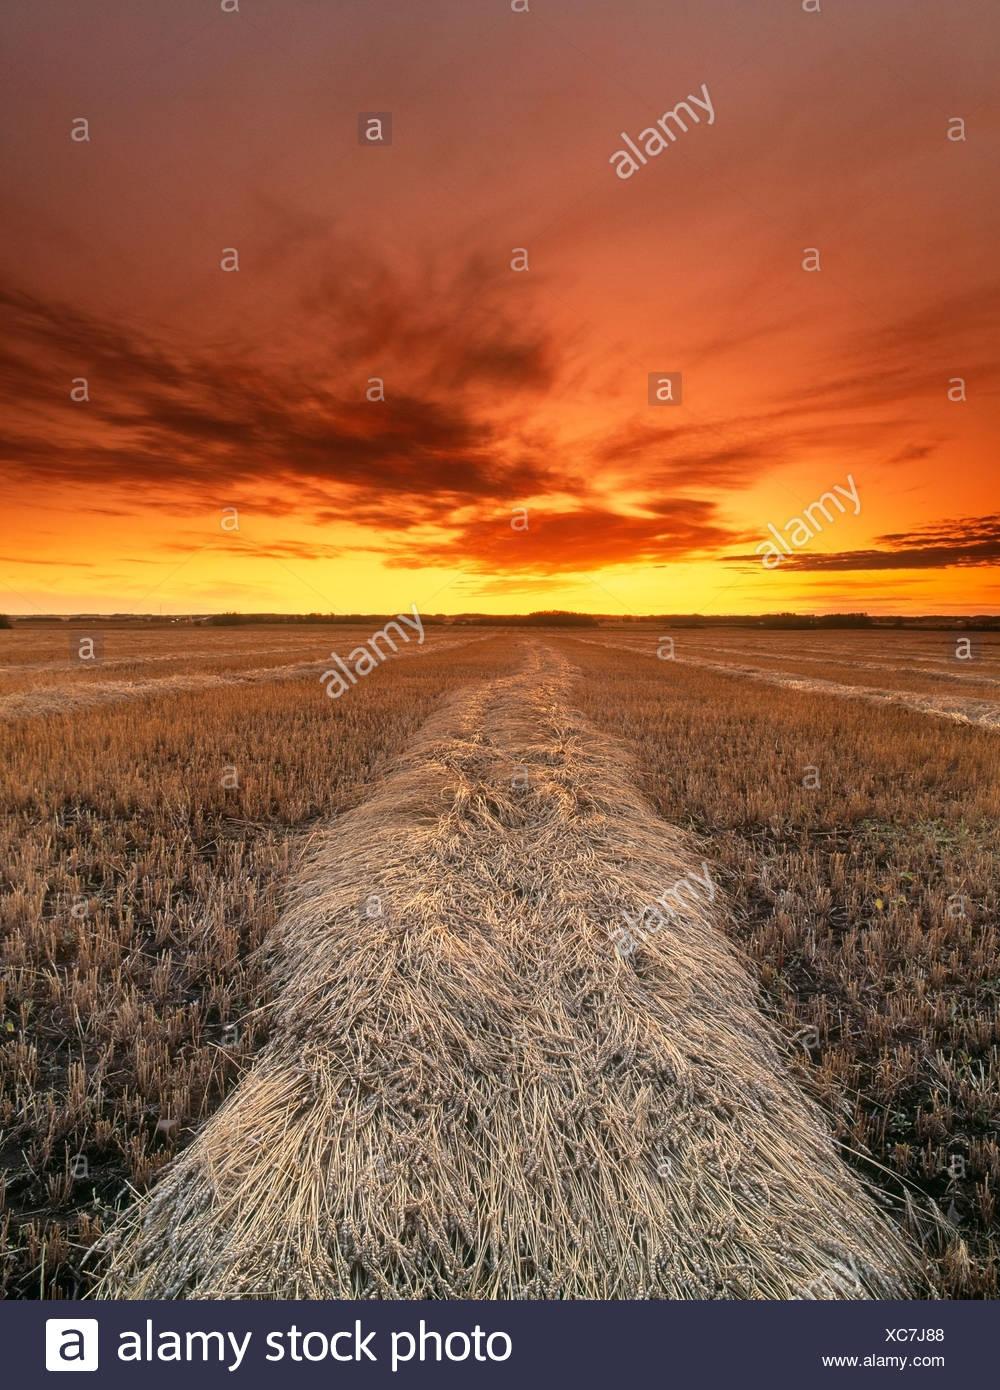 Raccolte di raccolto di grano al tramonto in autunno, Leduc, Alberta, Canada Immagini Stock